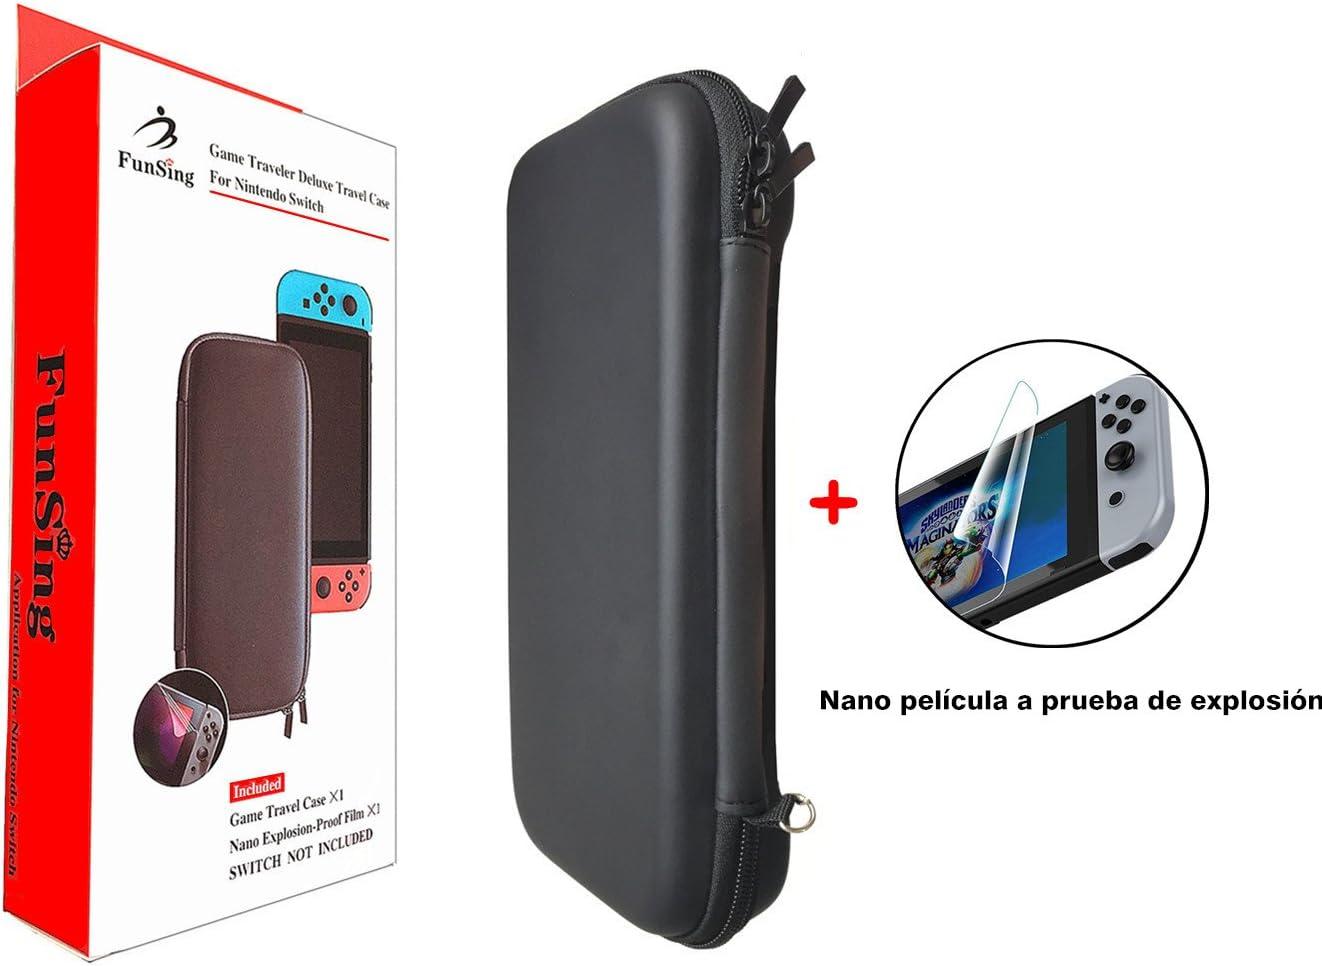 FS Elec. Funsing Estuche Nintendo Switch Funda de Viaje con 8 Ranuras para Guardar las Tarjetas de Juego, y con 1 Protector de Pantalla incluido para Nintendo Switch: Amazon.es: Videojuegos